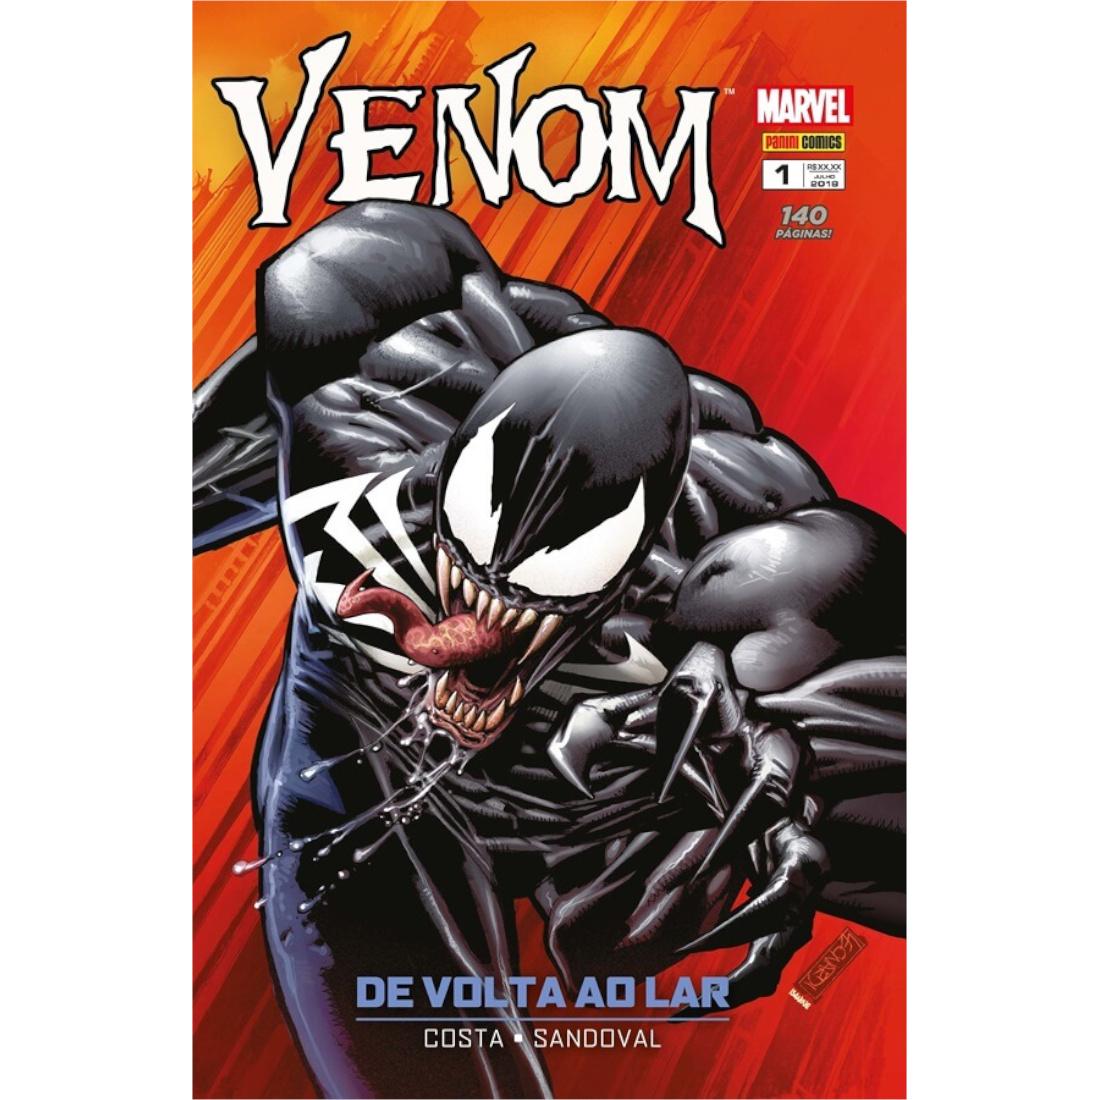 Venom Vol. 1 - De Volta ao Lar